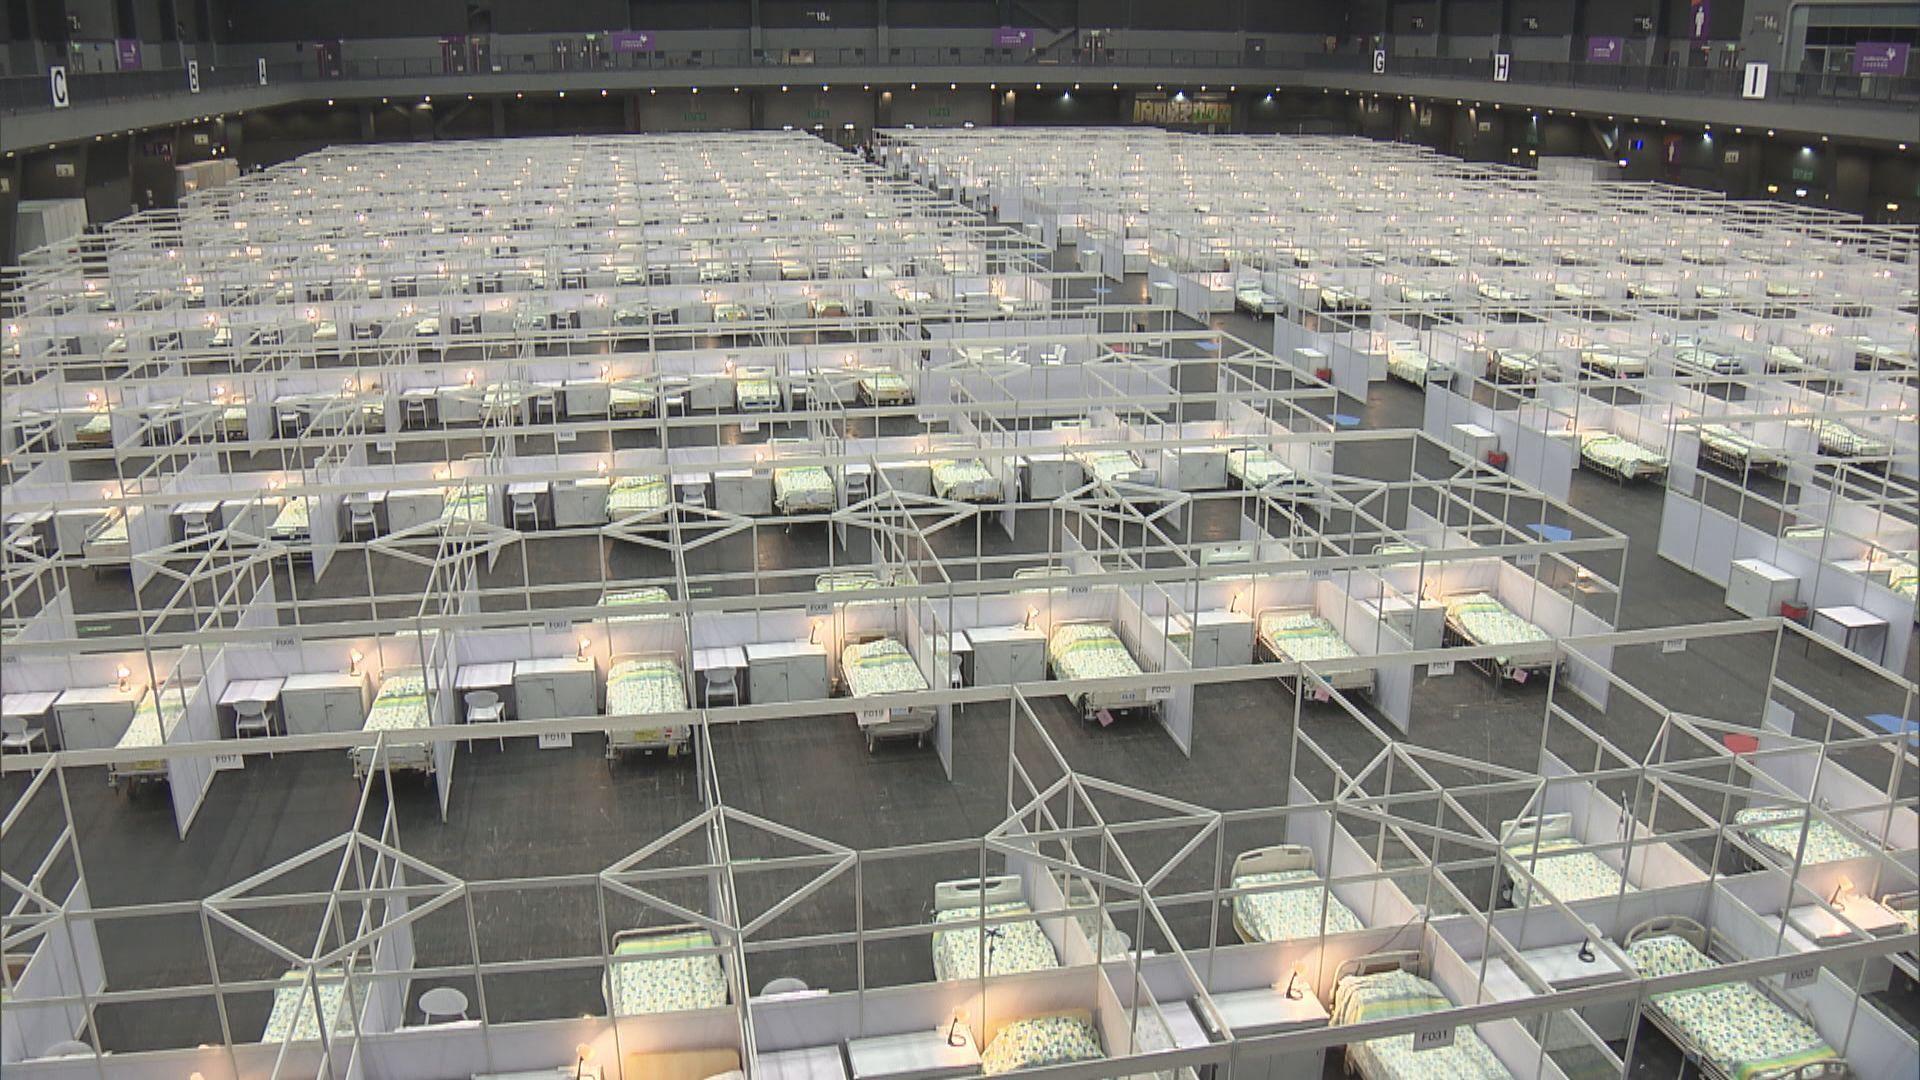 亞博治療設施一周內可增四百病床